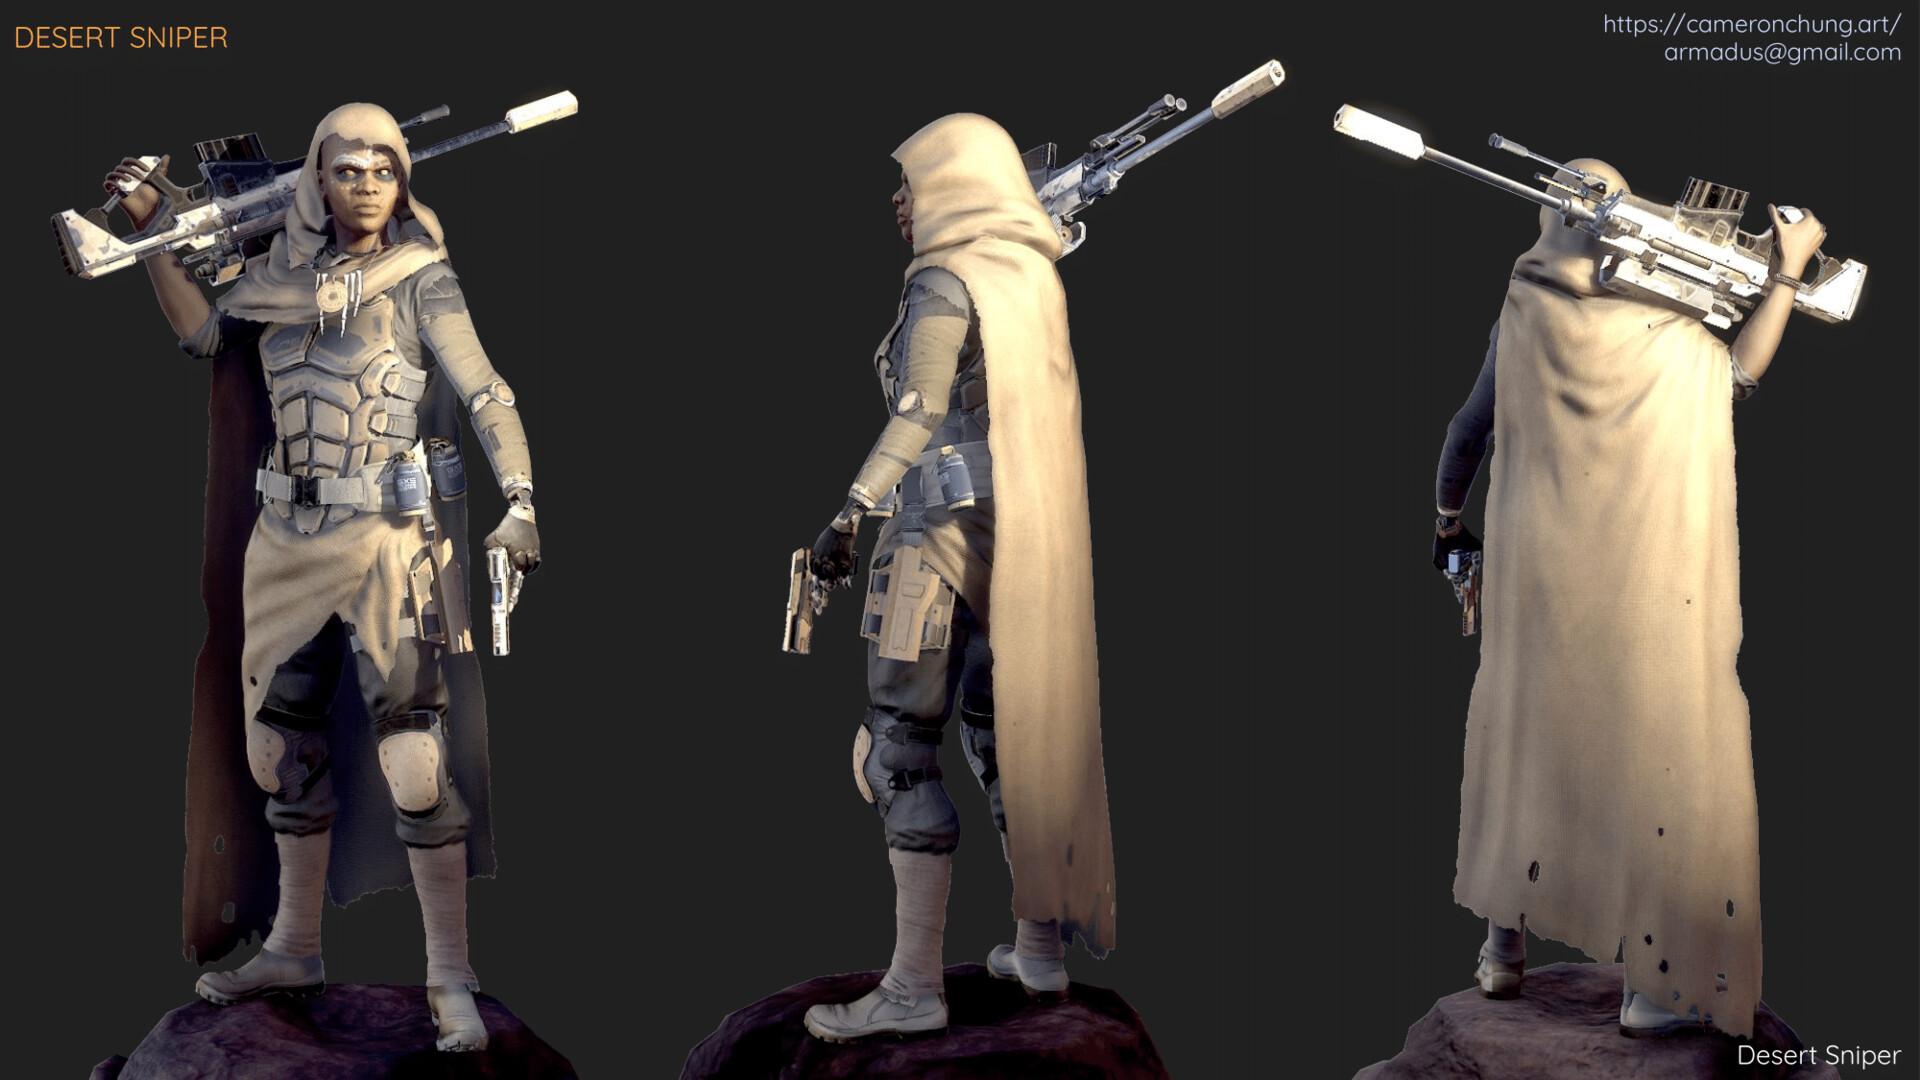 Desert Sniper - Marmoset Toolbag 2